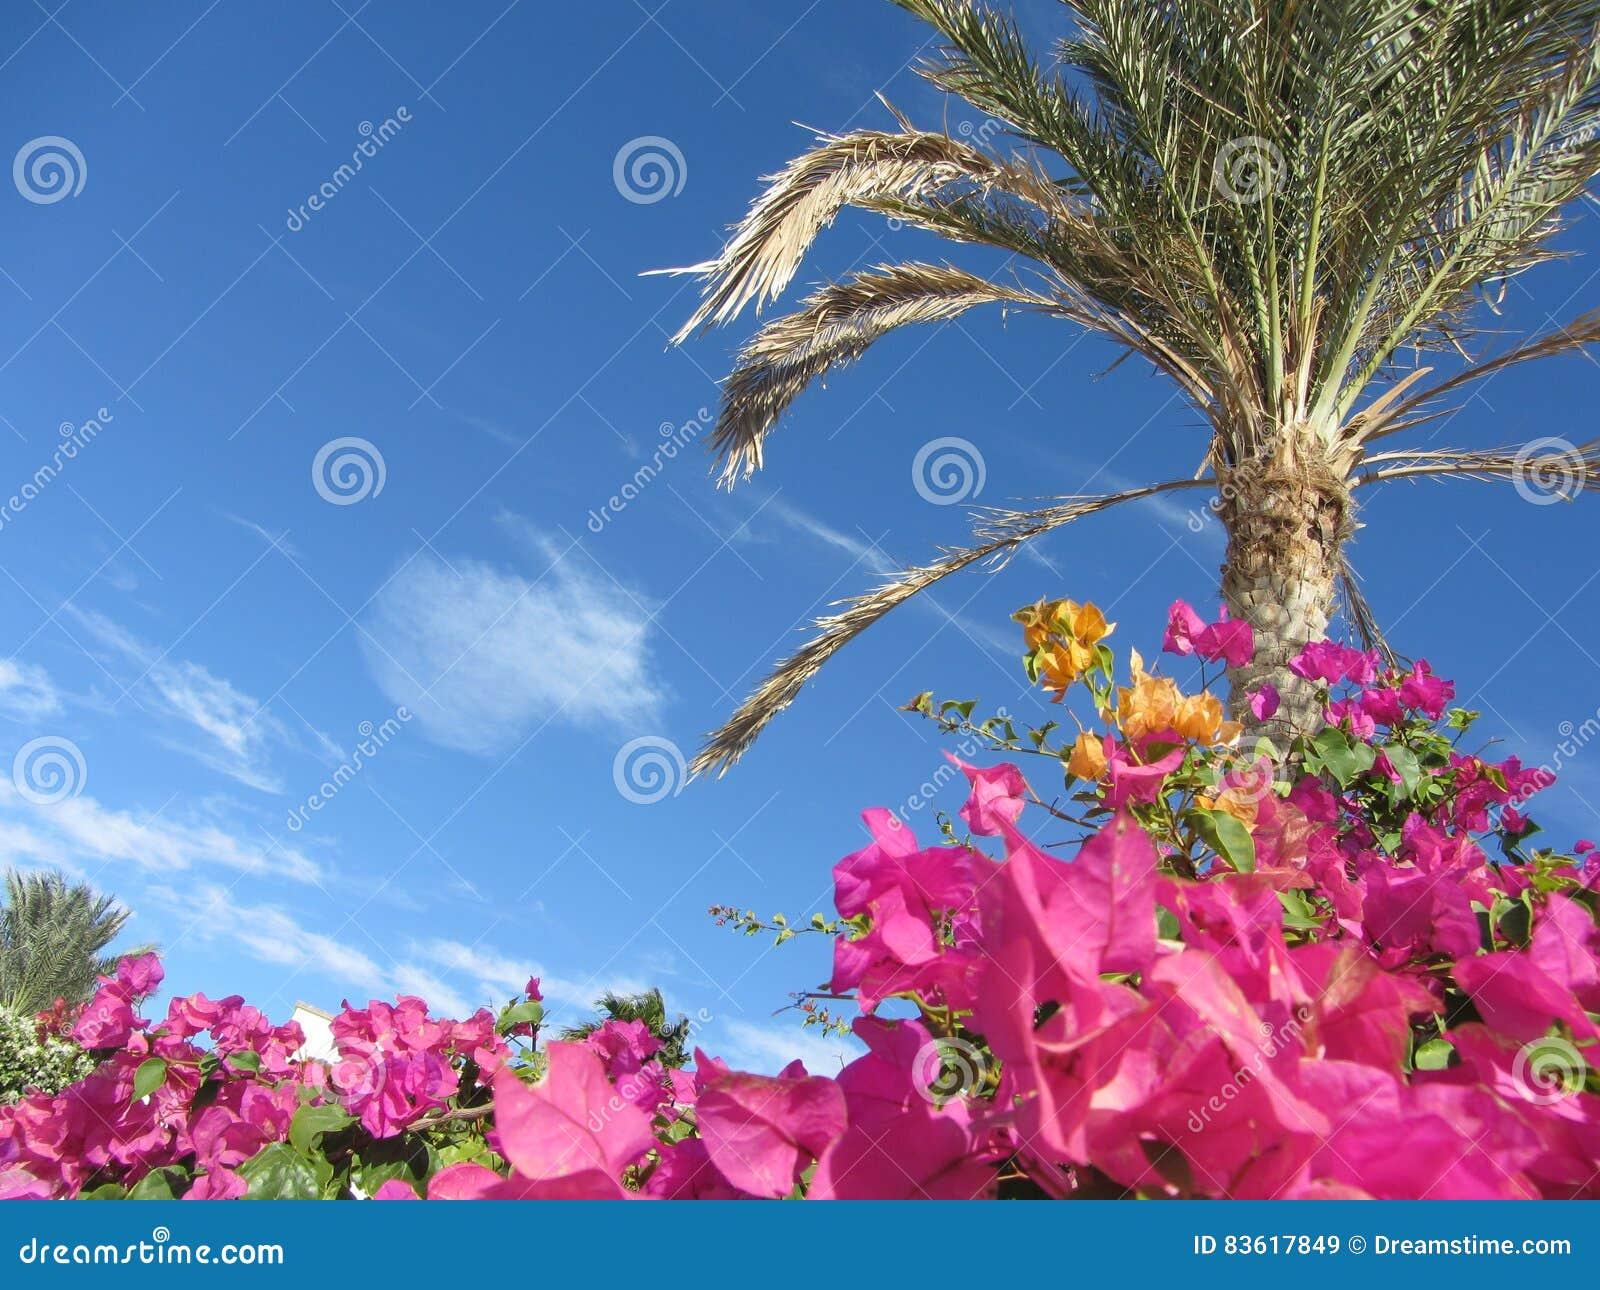 Sky, flowers and Palma